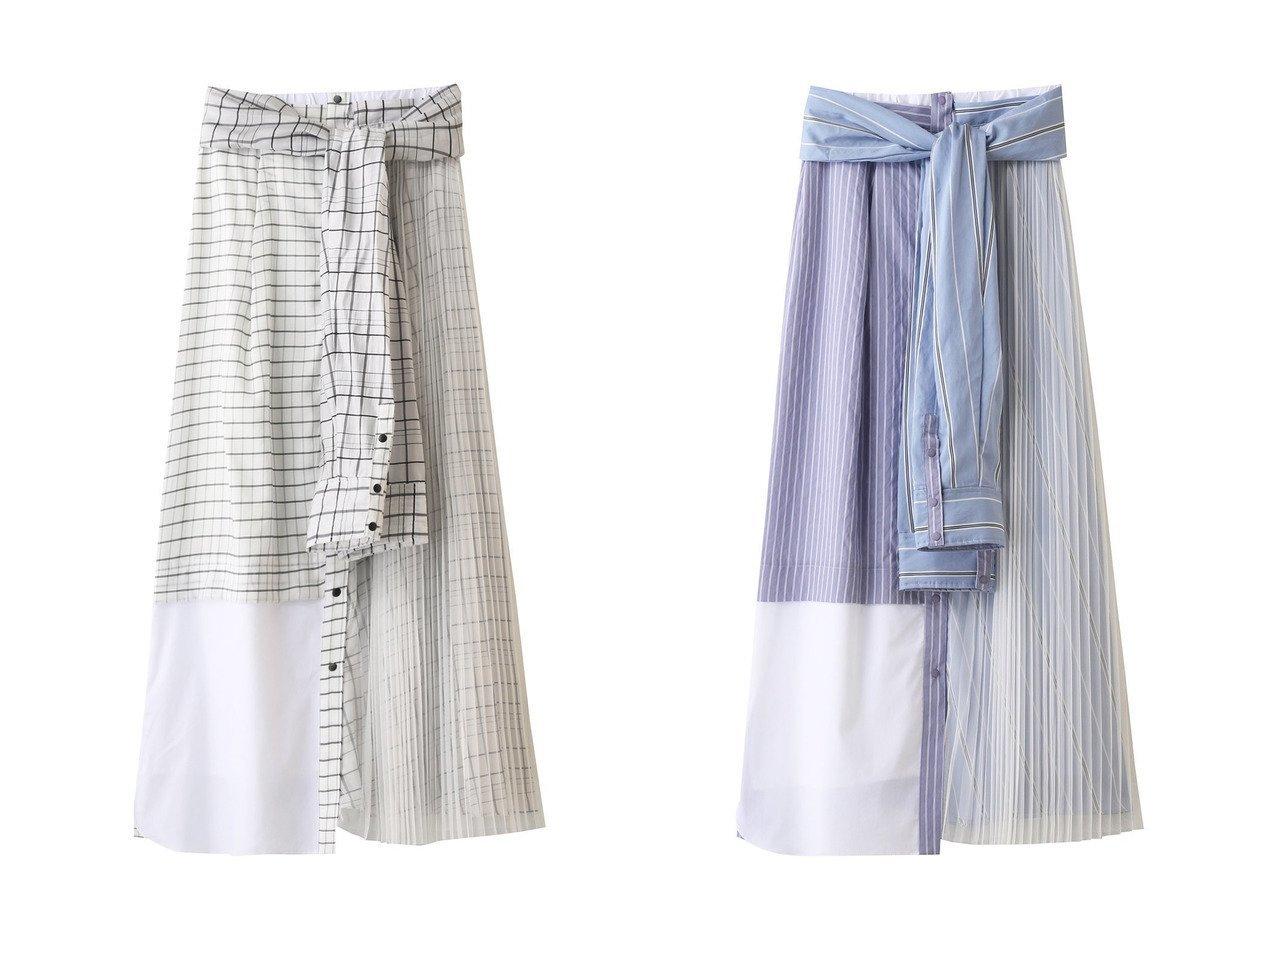 【AULA/アウラ】の【AULA AILA】リメイクシャツスカート 【スカート】おすすめ!人気、トレンド・レディースファッションの通販 おすすめで人気の流行・トレンド、ファッションの通販商品 インテリア・家具・メンズファッション・キッズファッション・レディースファッション・服の通販 founy(ファニー) https://founy.com/ ファッション Fashion レディースファッション WOMEN スカート Skirt ロングスカート Long Skirt おすすめ Recommend ストライプ セットアップ タイプライター チェック チュール フロント プリーツ ラップ リメイク ロング |ID:crp329100000049394